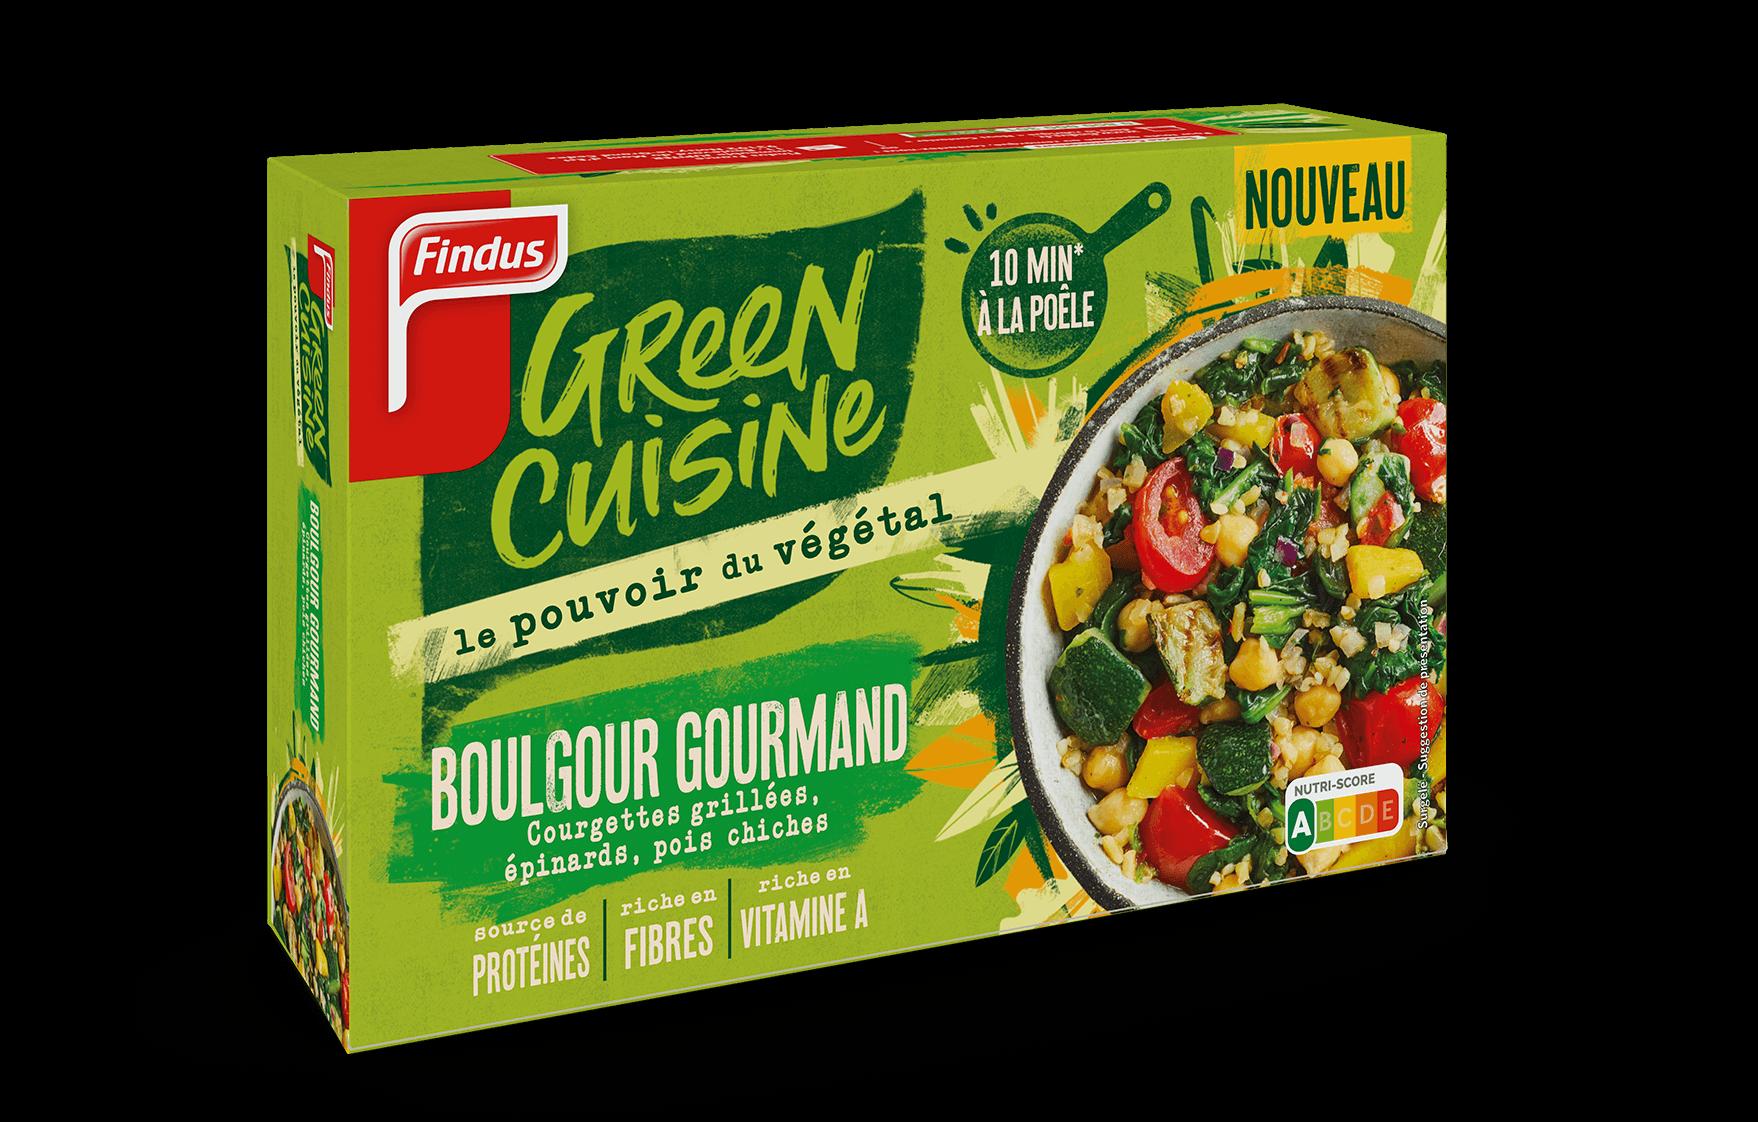 Boulgour gourmand aux légumes | Findus